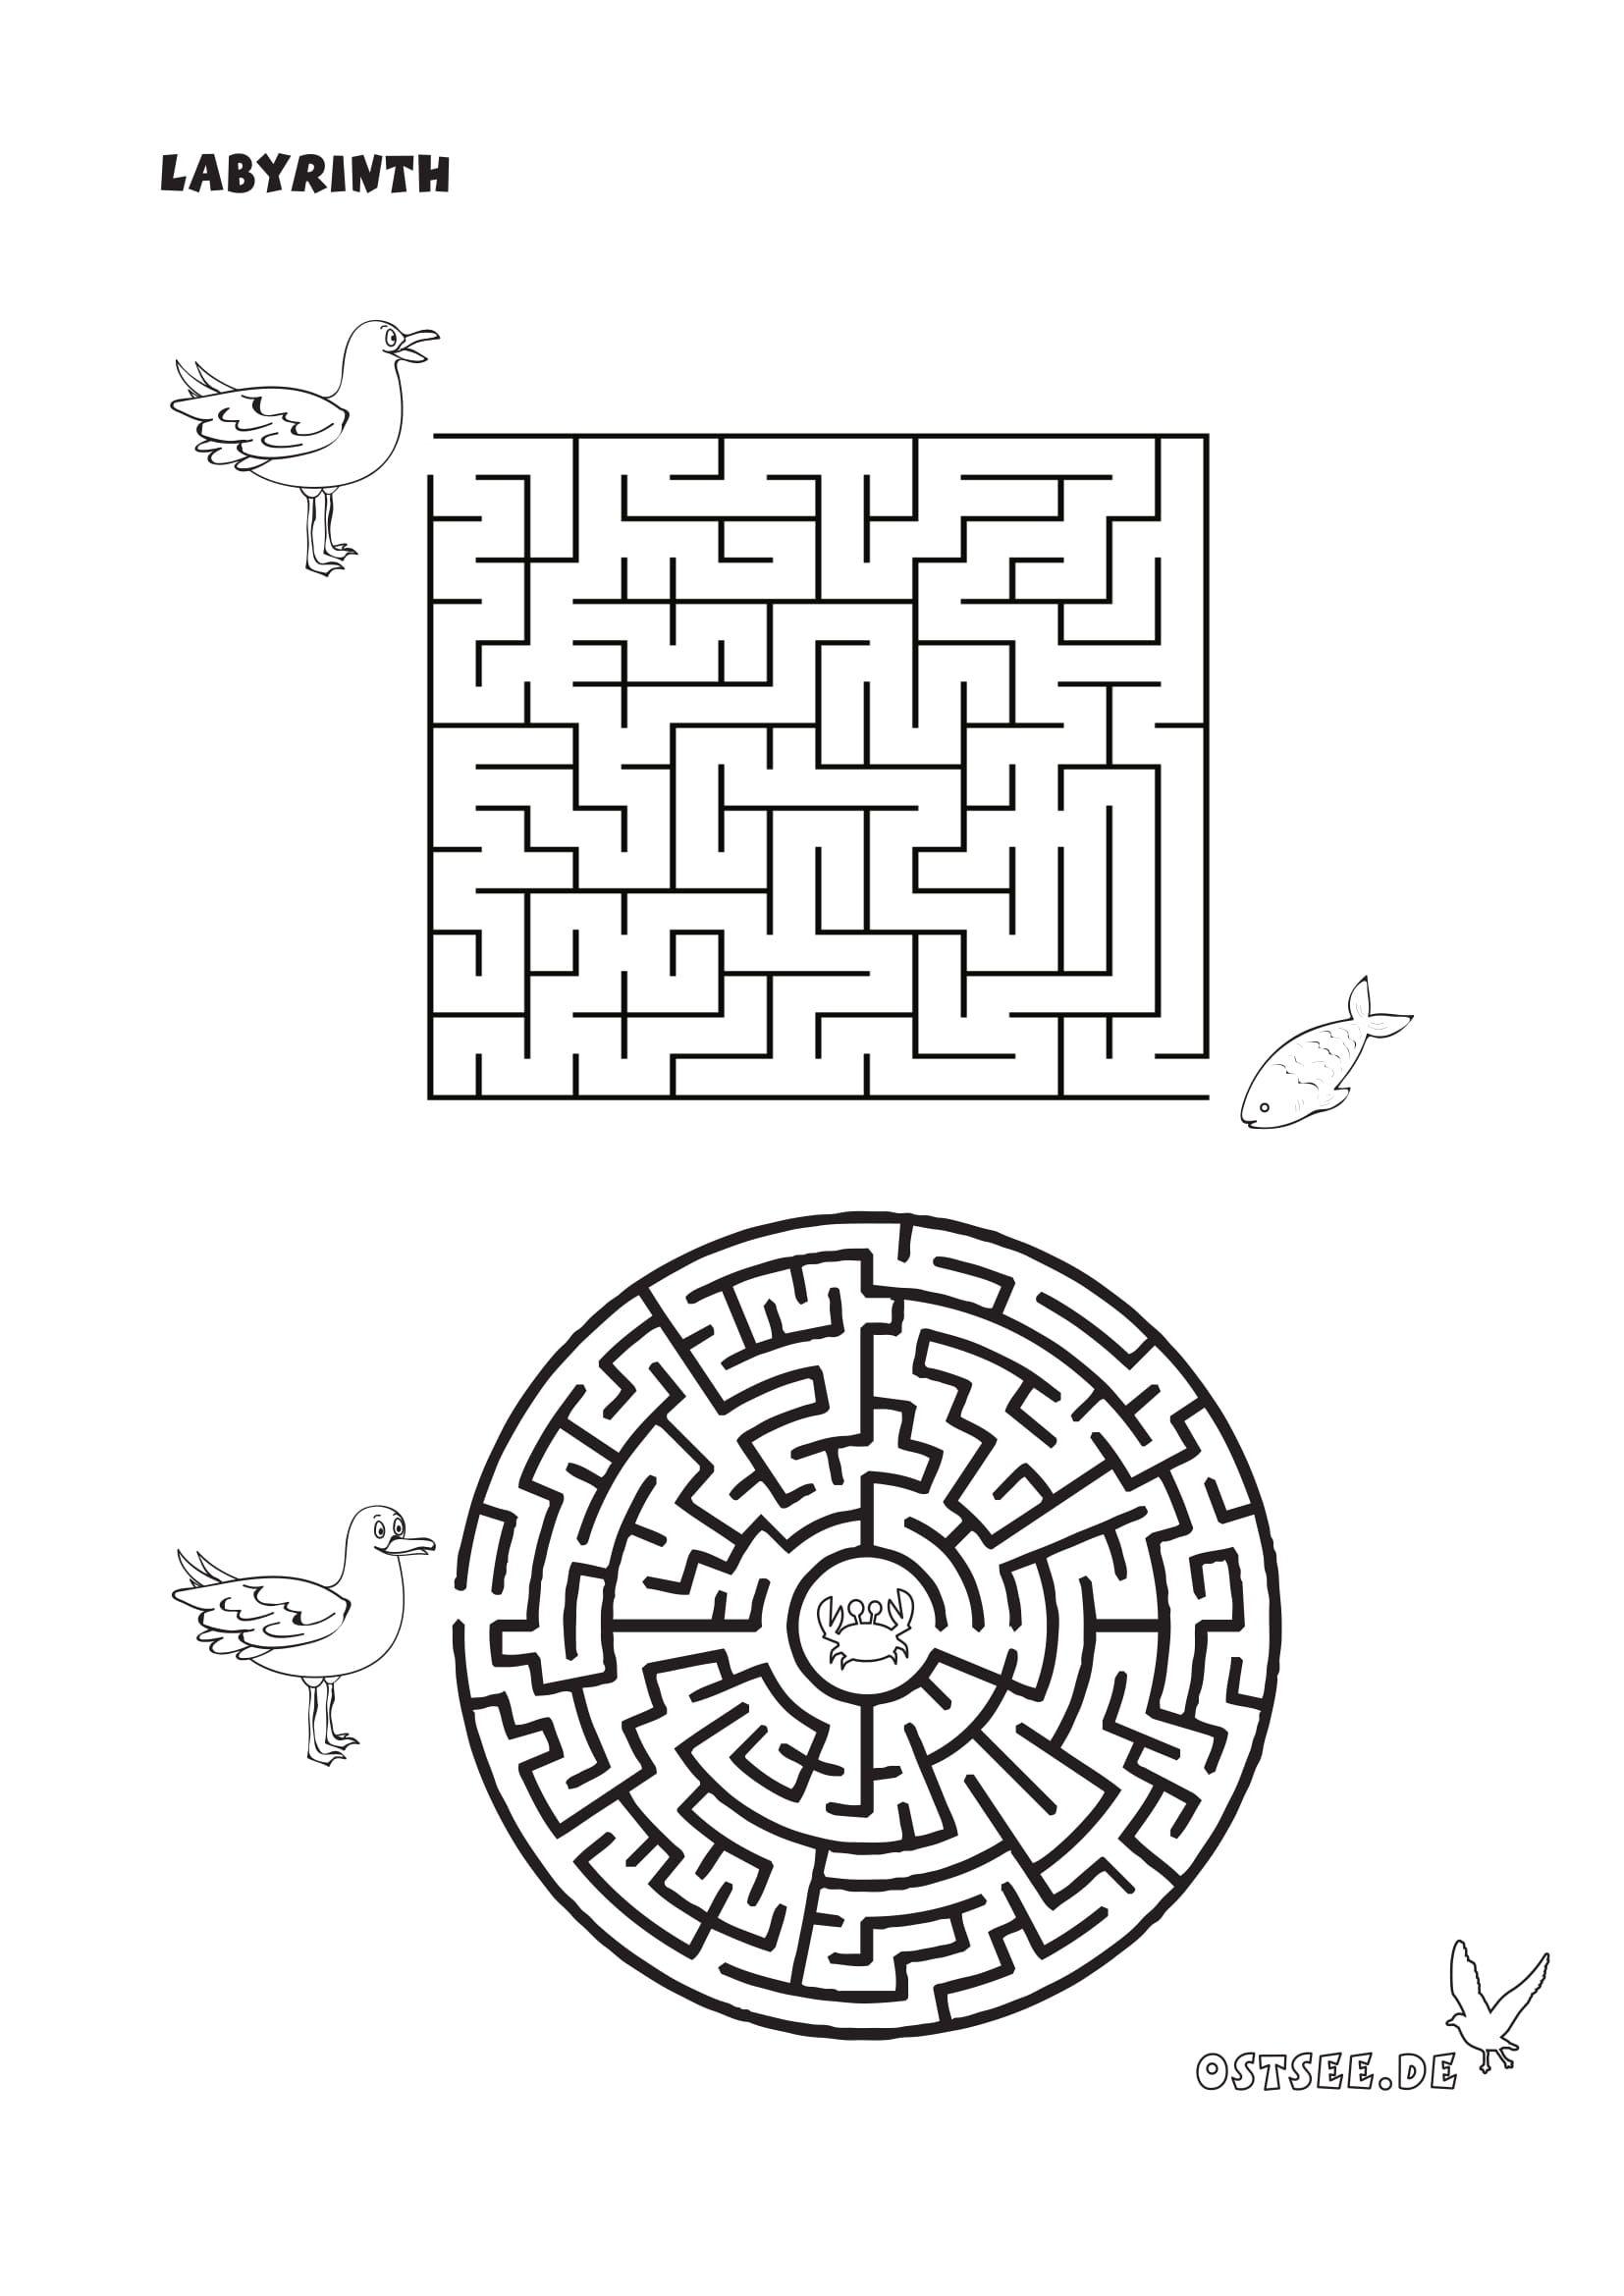 Maritimes Labyrinth  Labyrinthe für kinder, Vorlagen, Malvorlagen